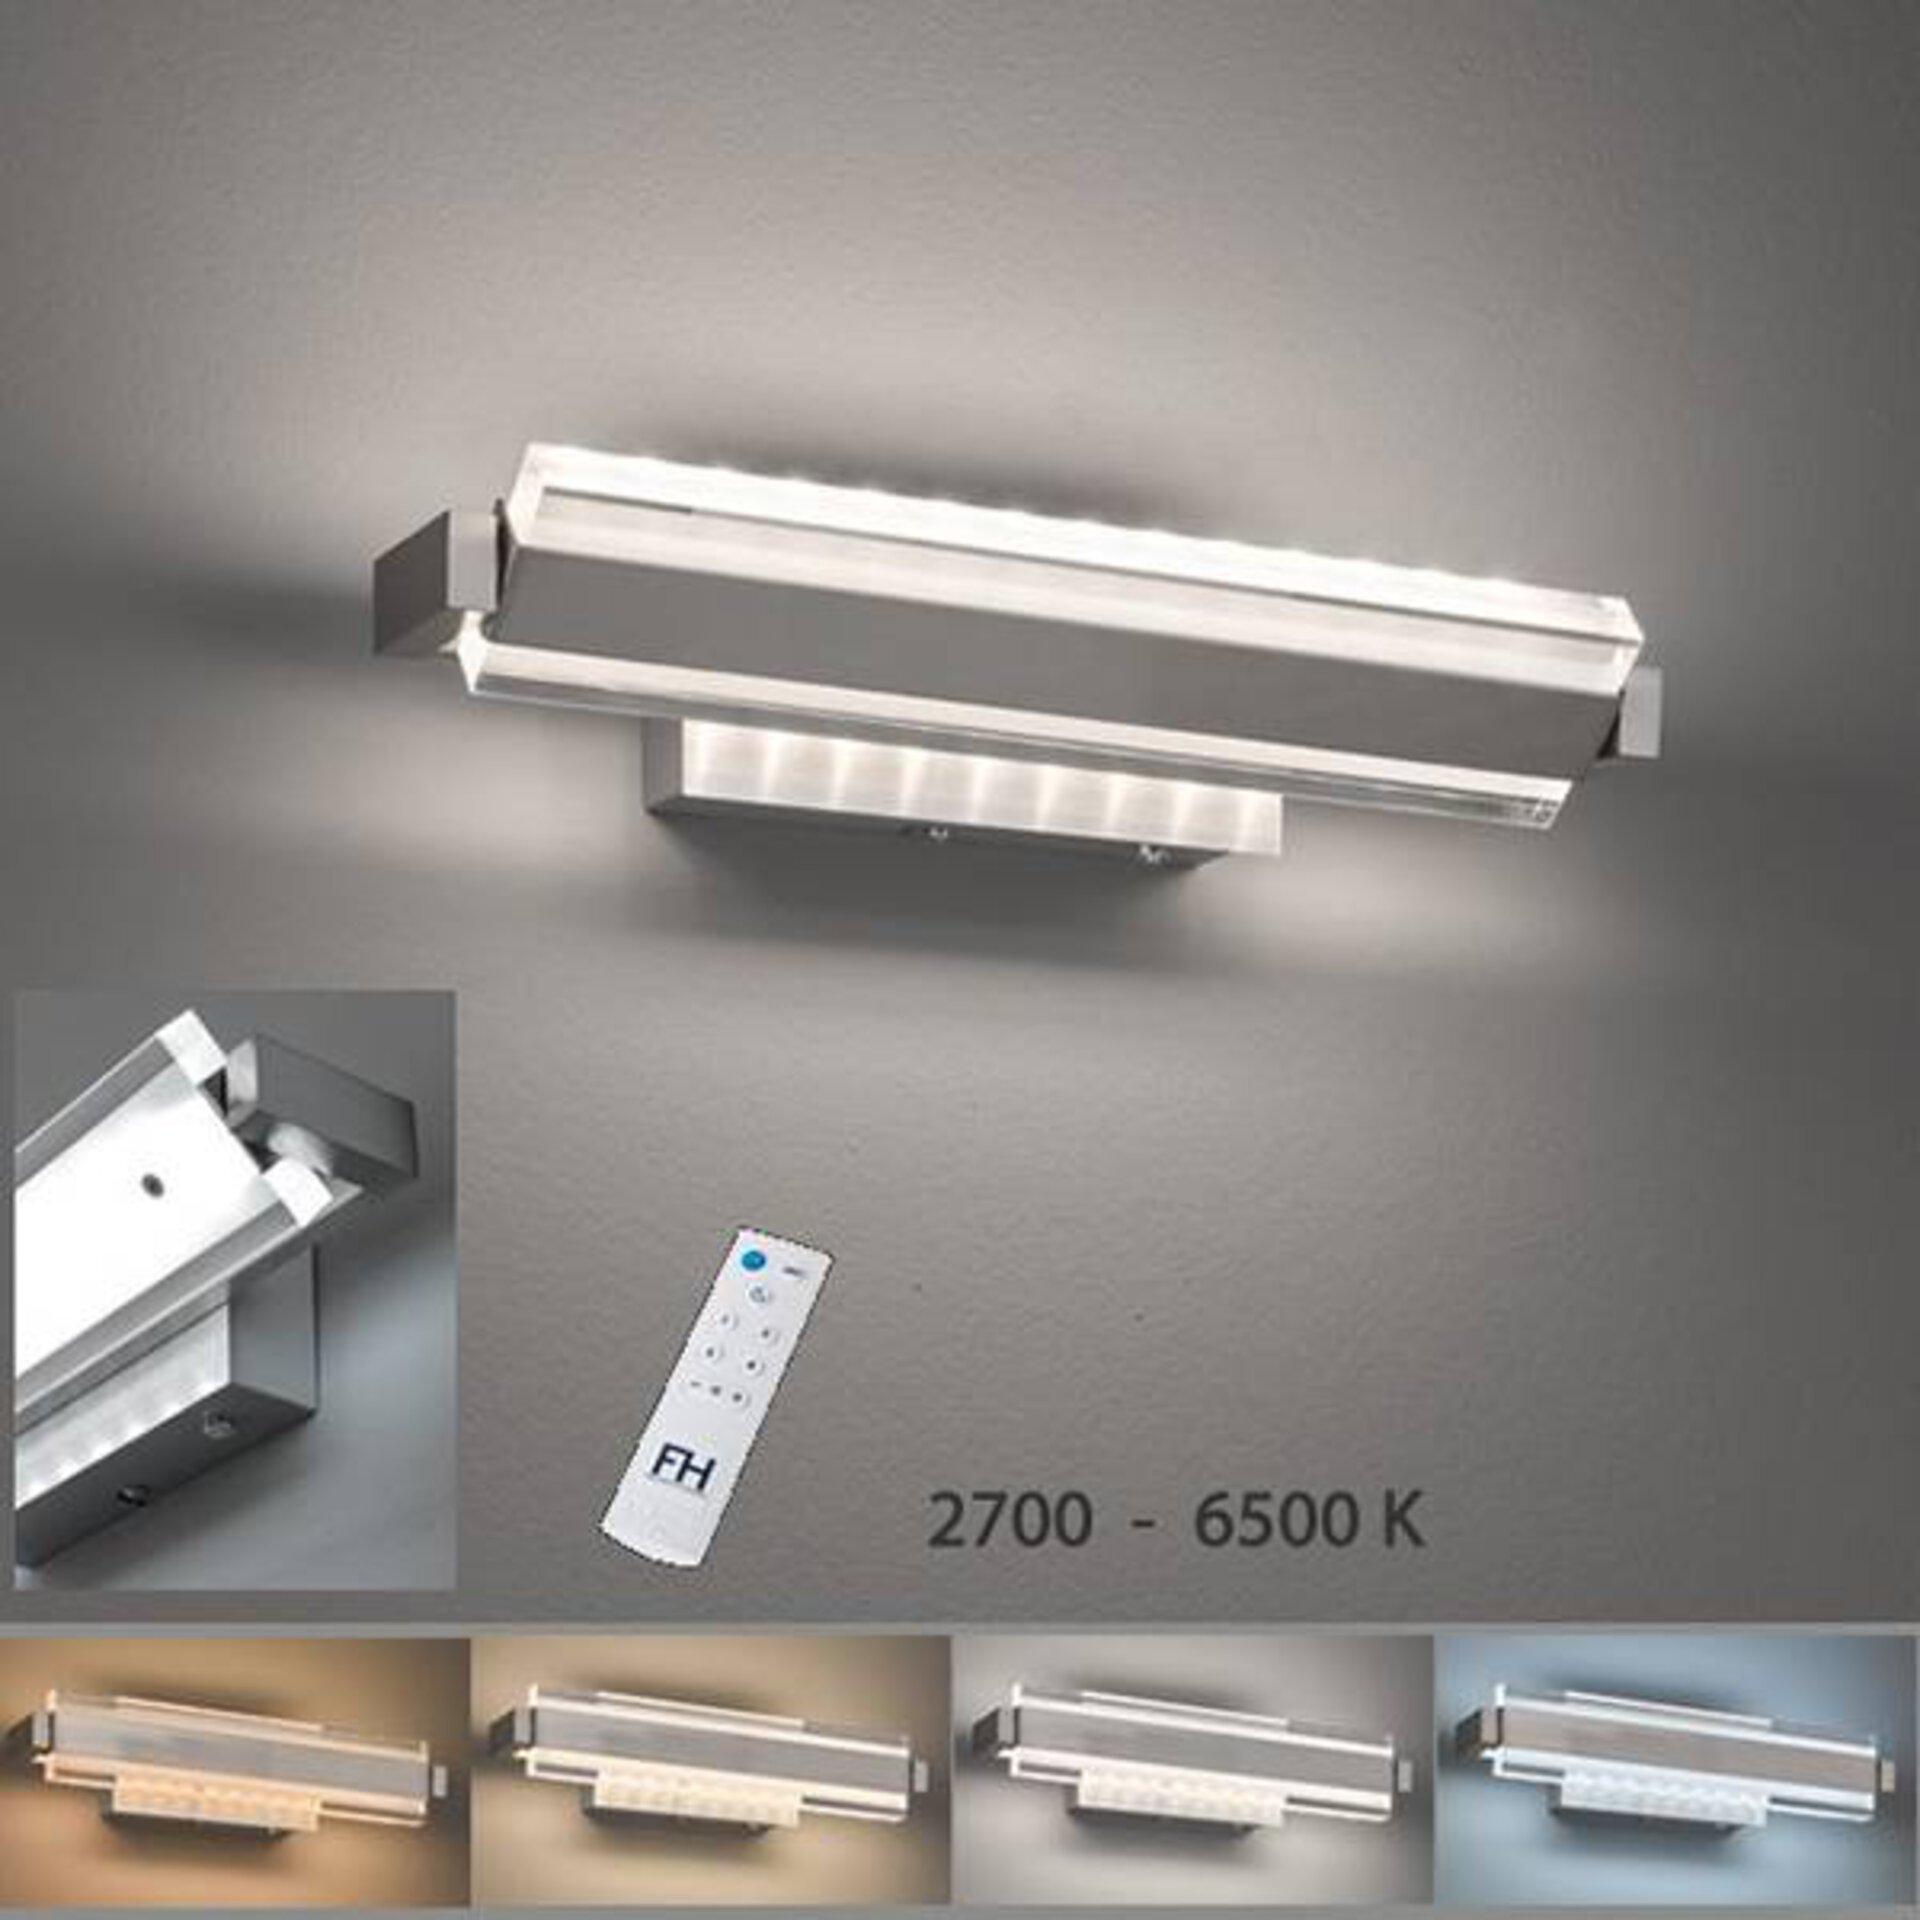 Hauptbild ist eine moderne Wandlampe. Sie strahlt in kaltem Weiß. Darunter vier Abbildungen, die weitere Leuchtfarben zeigen.